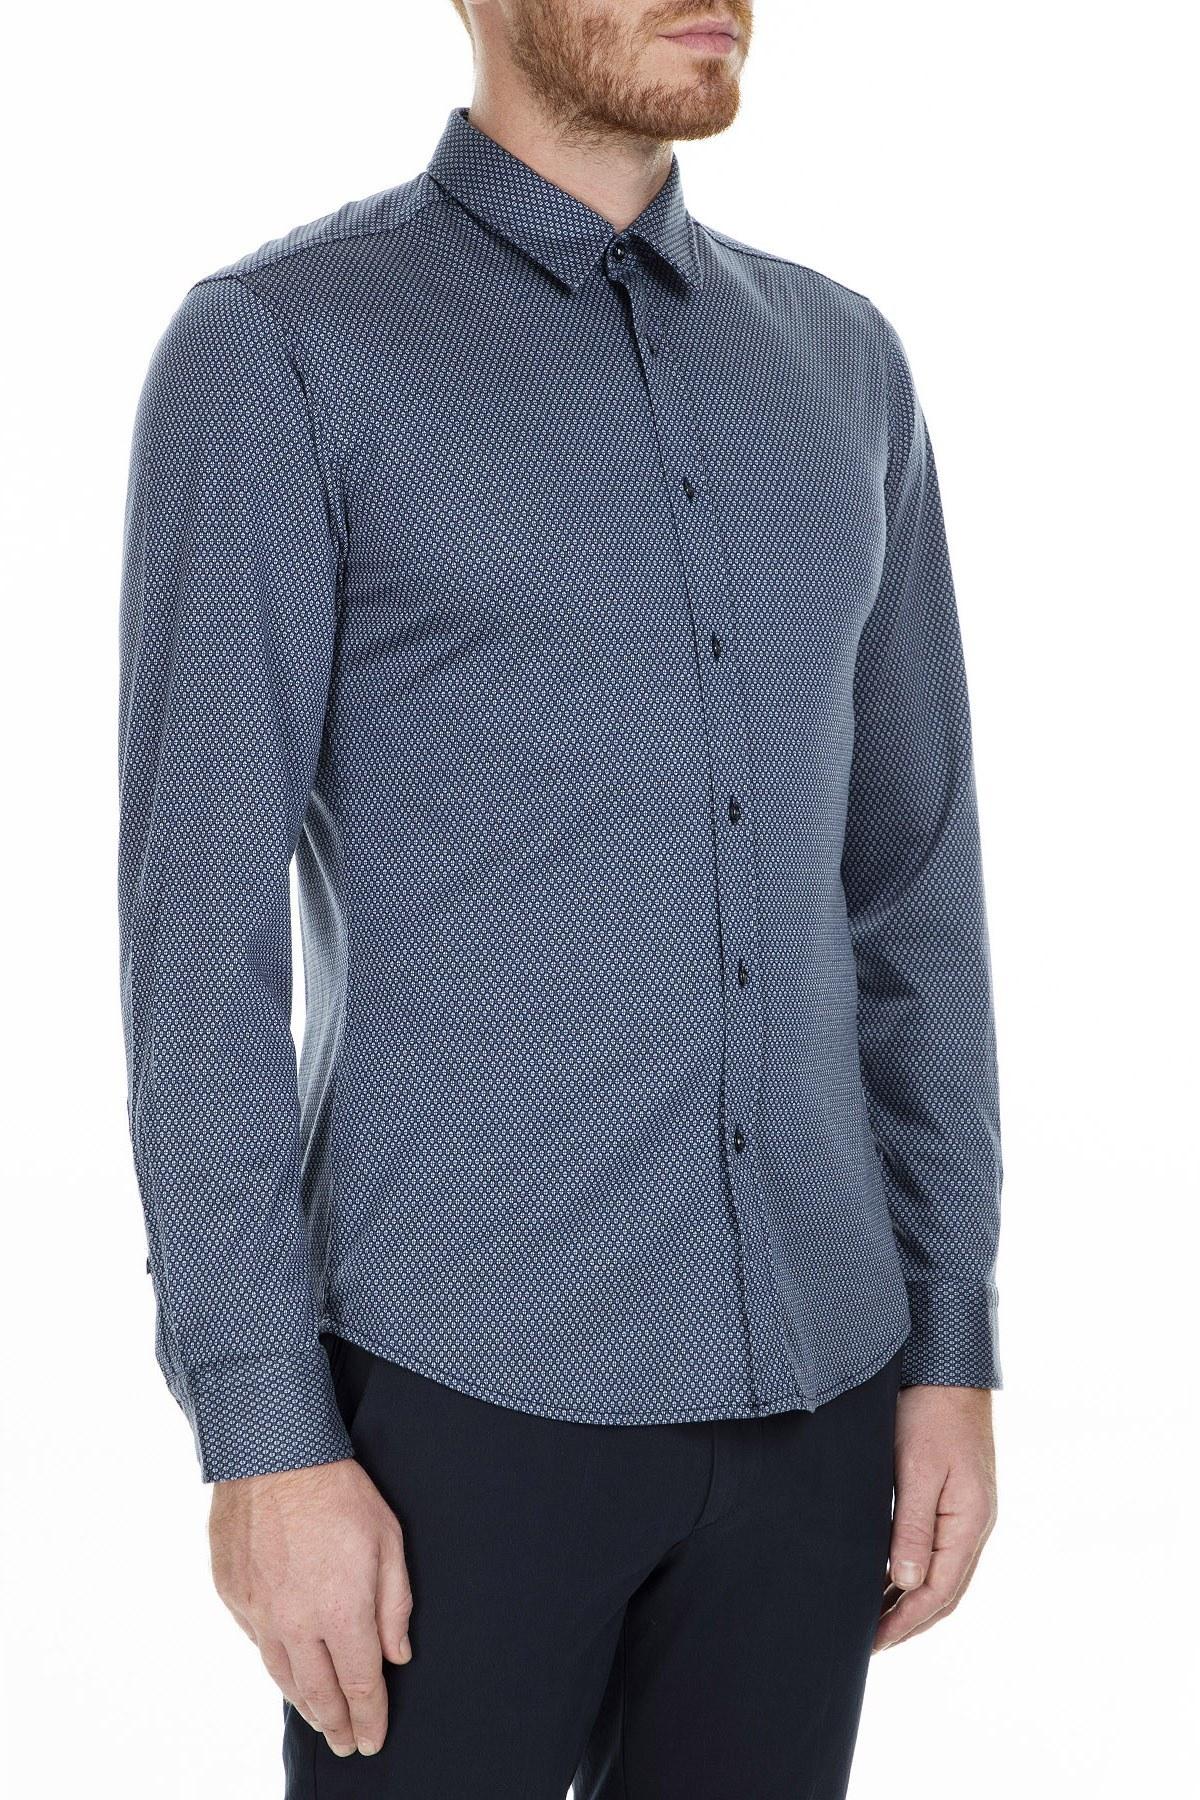 Hugo Boss Erkek Gömlek 50415397 453 LACİVERT